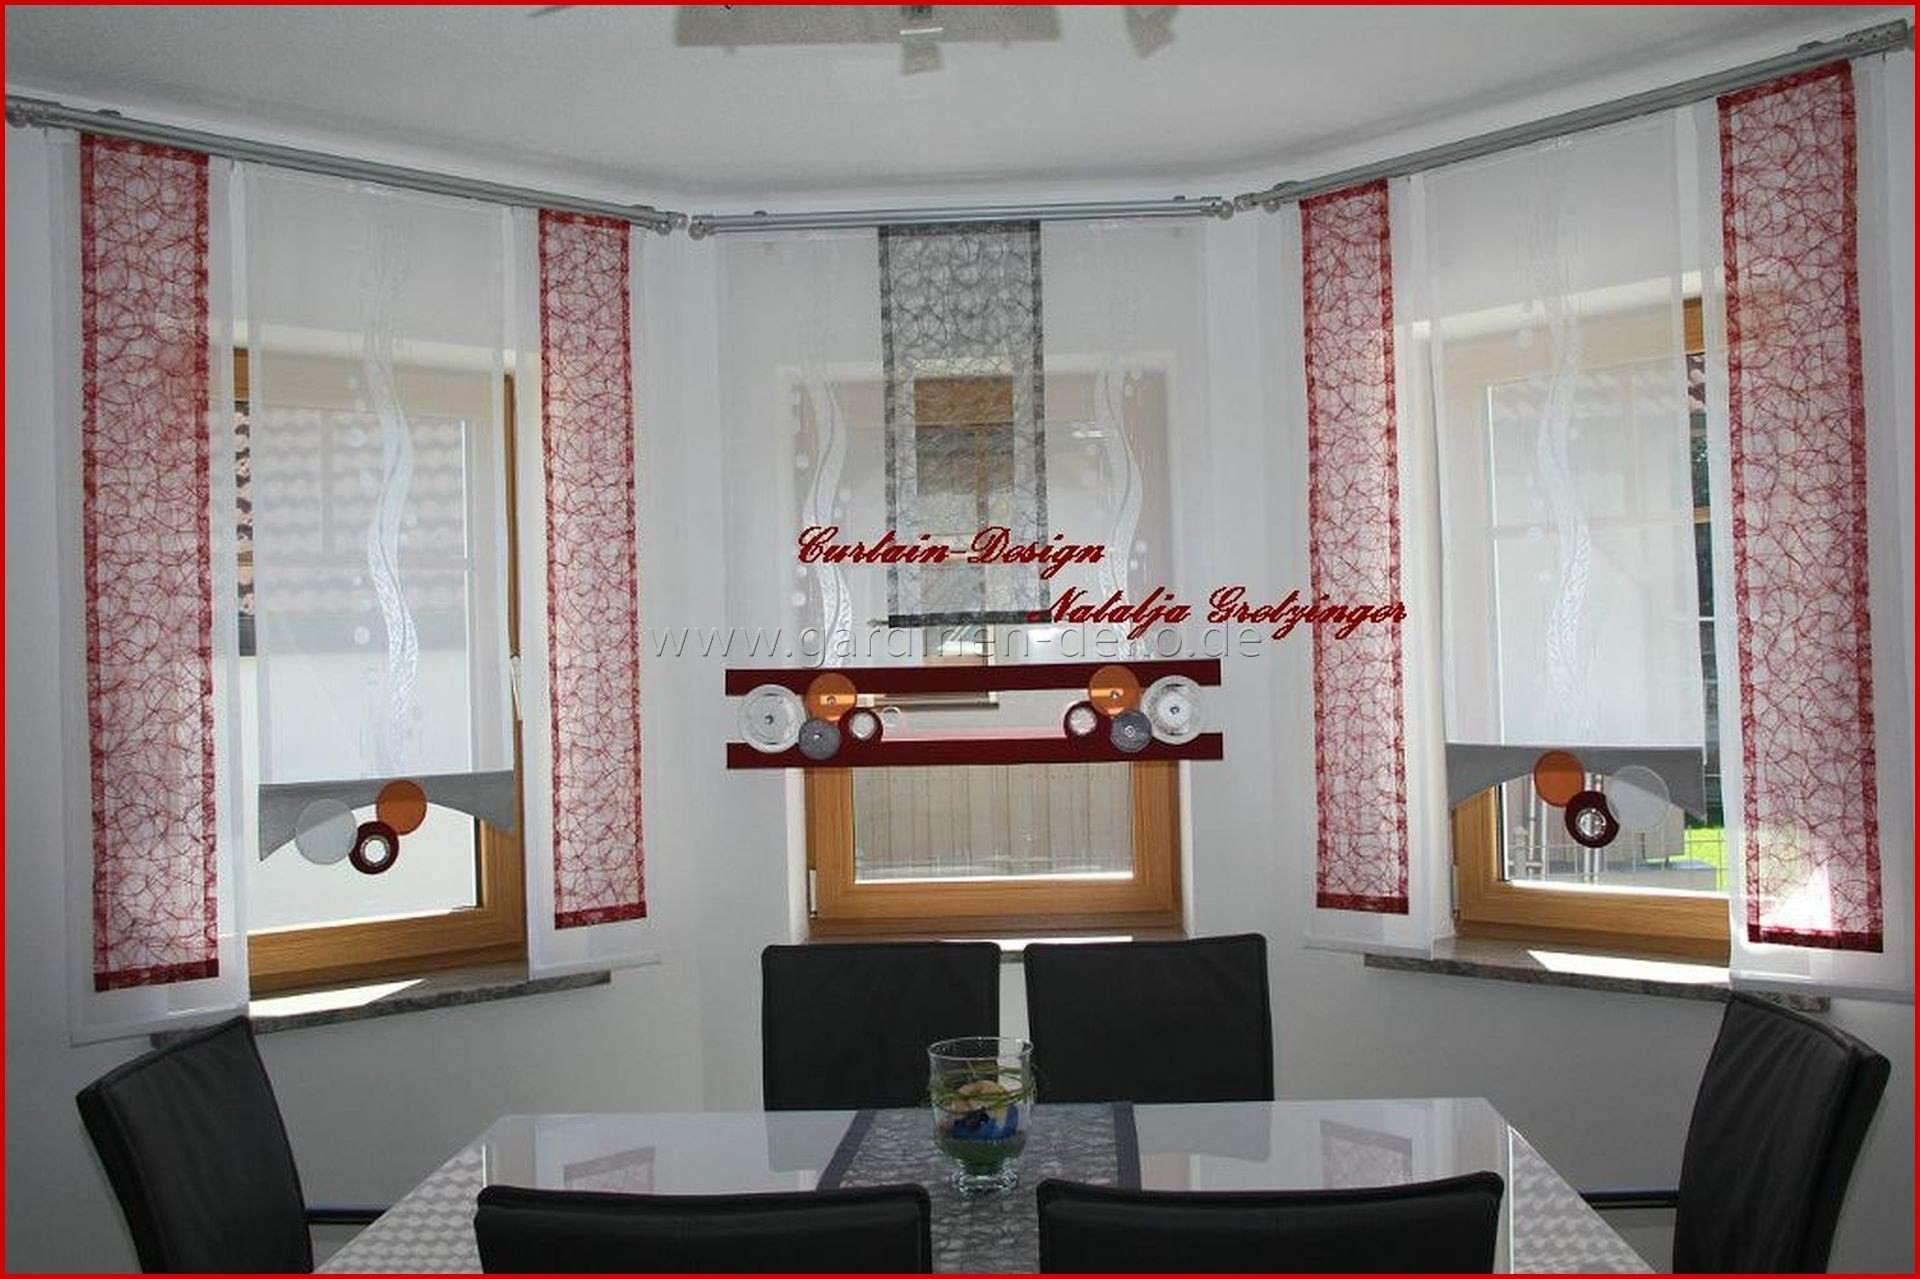 Full Size of Vorhänge Wohnzimmer Sonnenschutz Vorhänge Wohnzimmer Taupe Vorhänge Wohnzimmer Skandinavisch Vorhänge Wohnzimmer Lila Wohnzimmer Vorhang Wohnzimmer